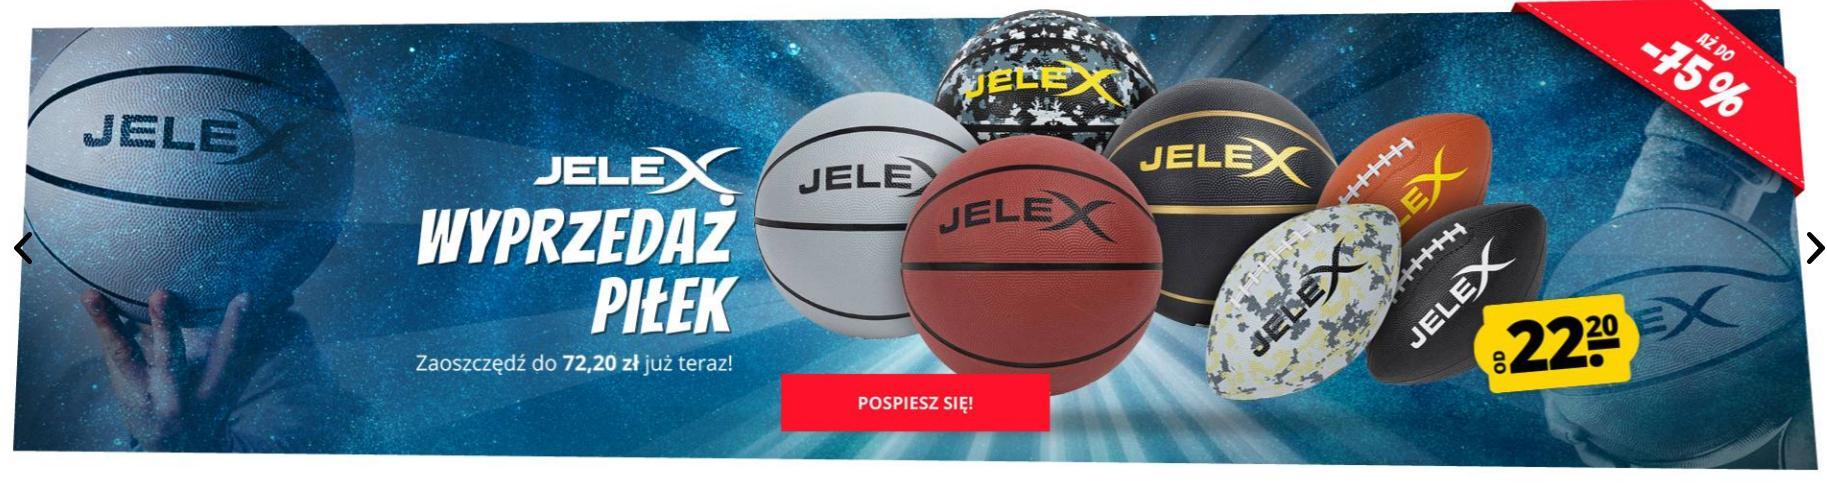 Sport Rabat: wyprzedaż do 75% zniżki na piłki marki Jelex